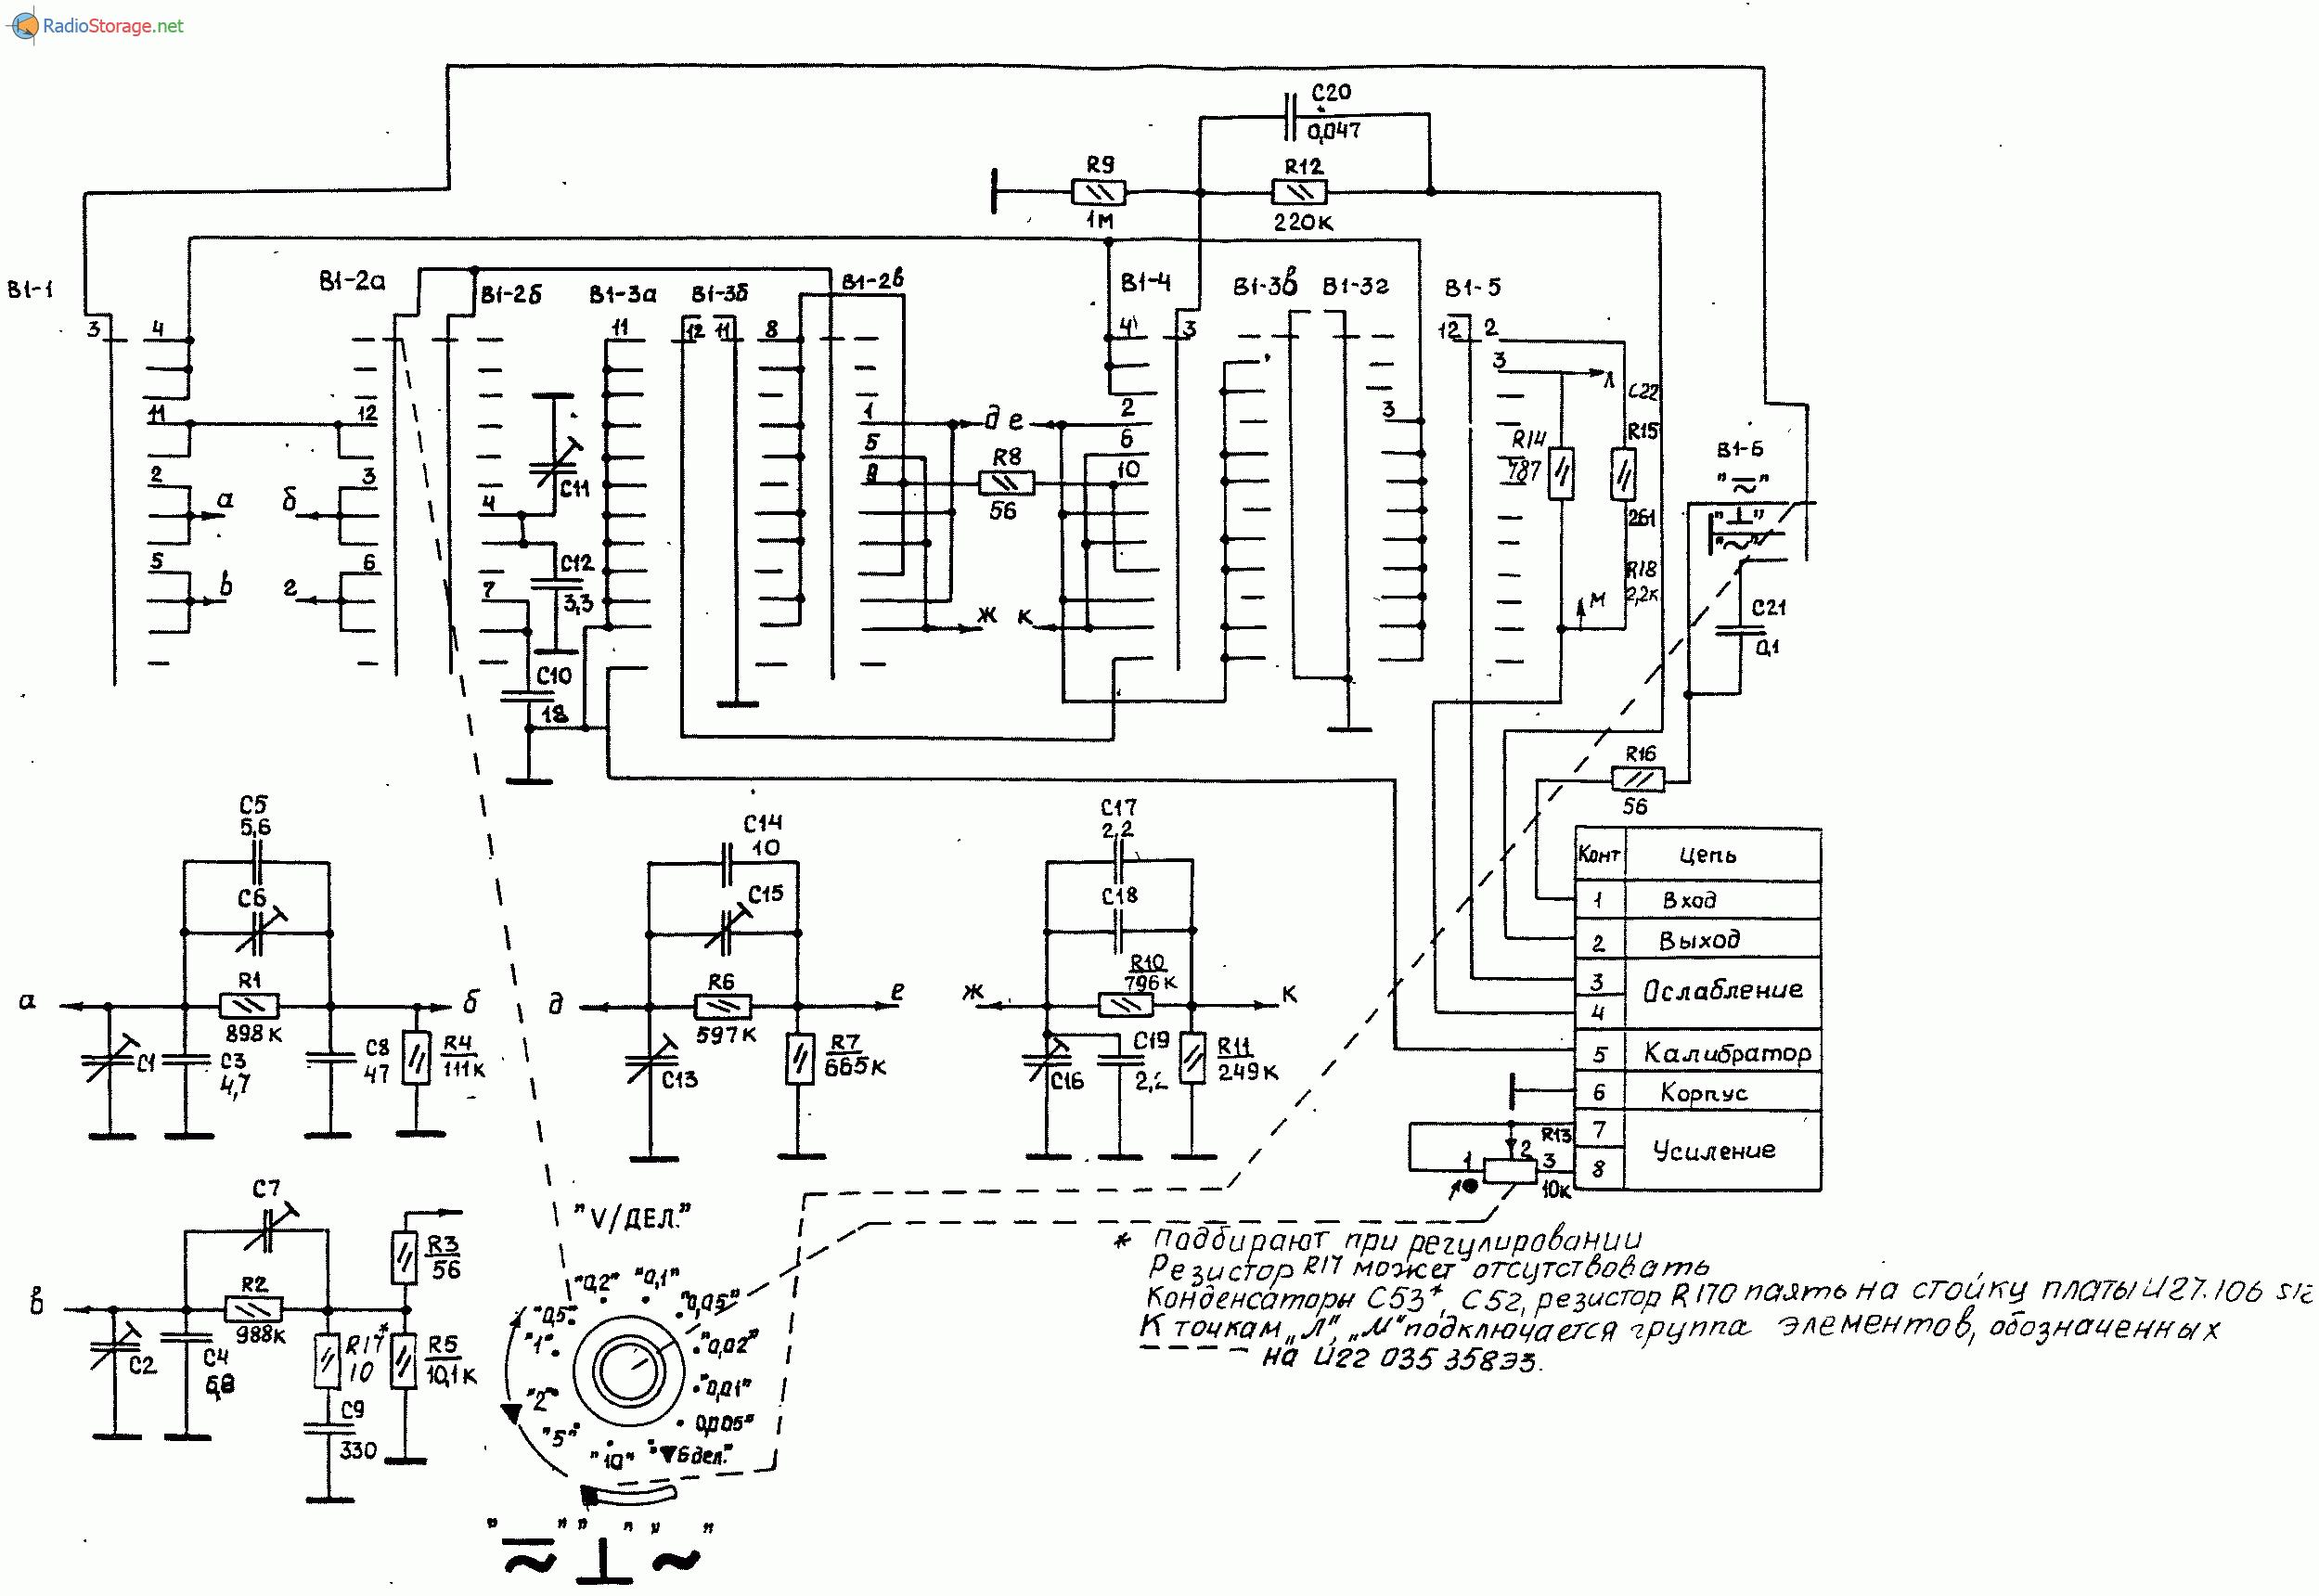 электрическая схема осциллографа с1-63